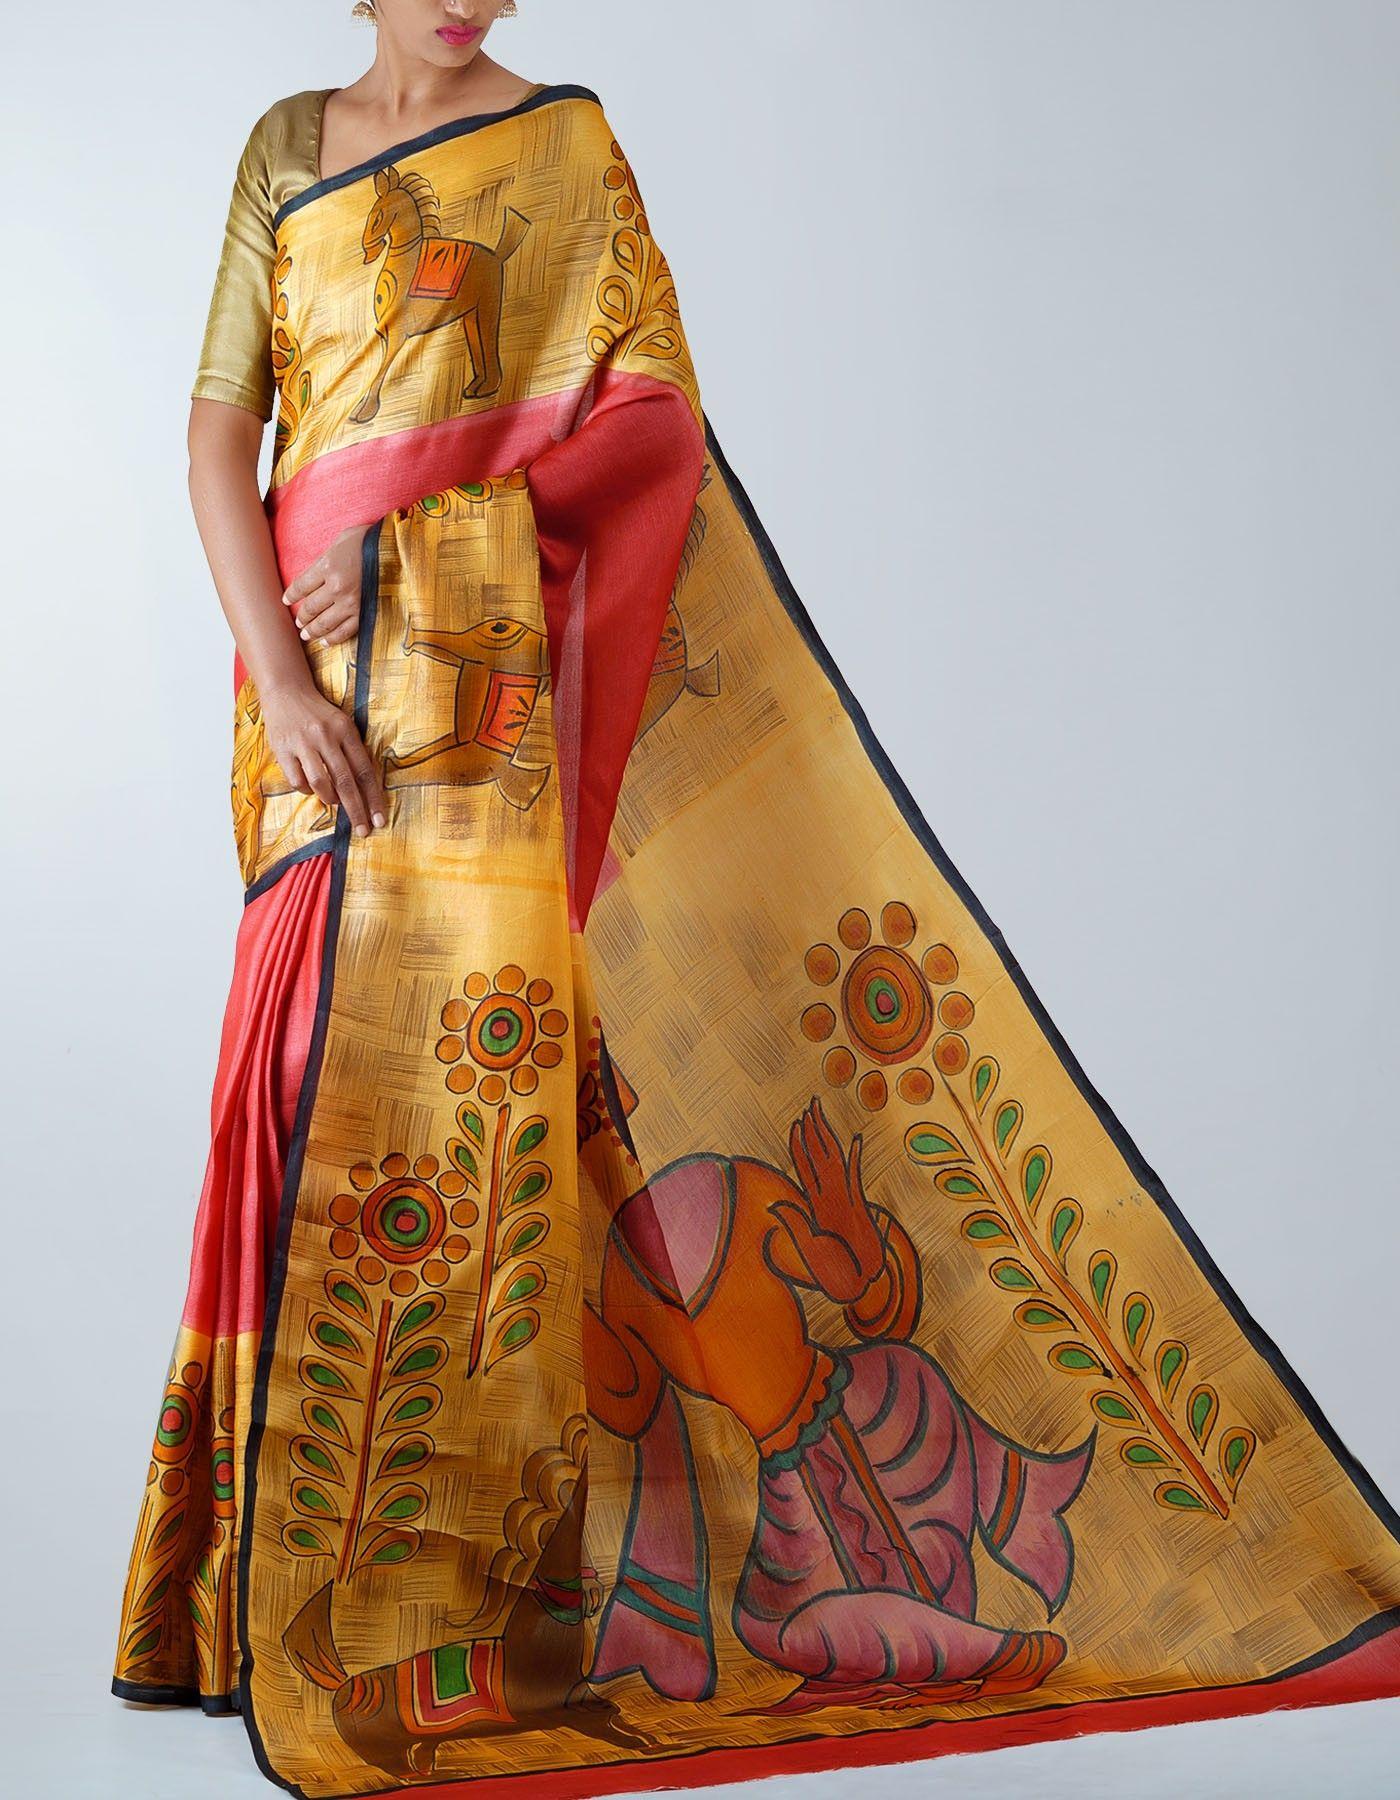 7a0844a335 Red Pure Handloom Tussar Silk saree,It has got women dance posture modern  art cream